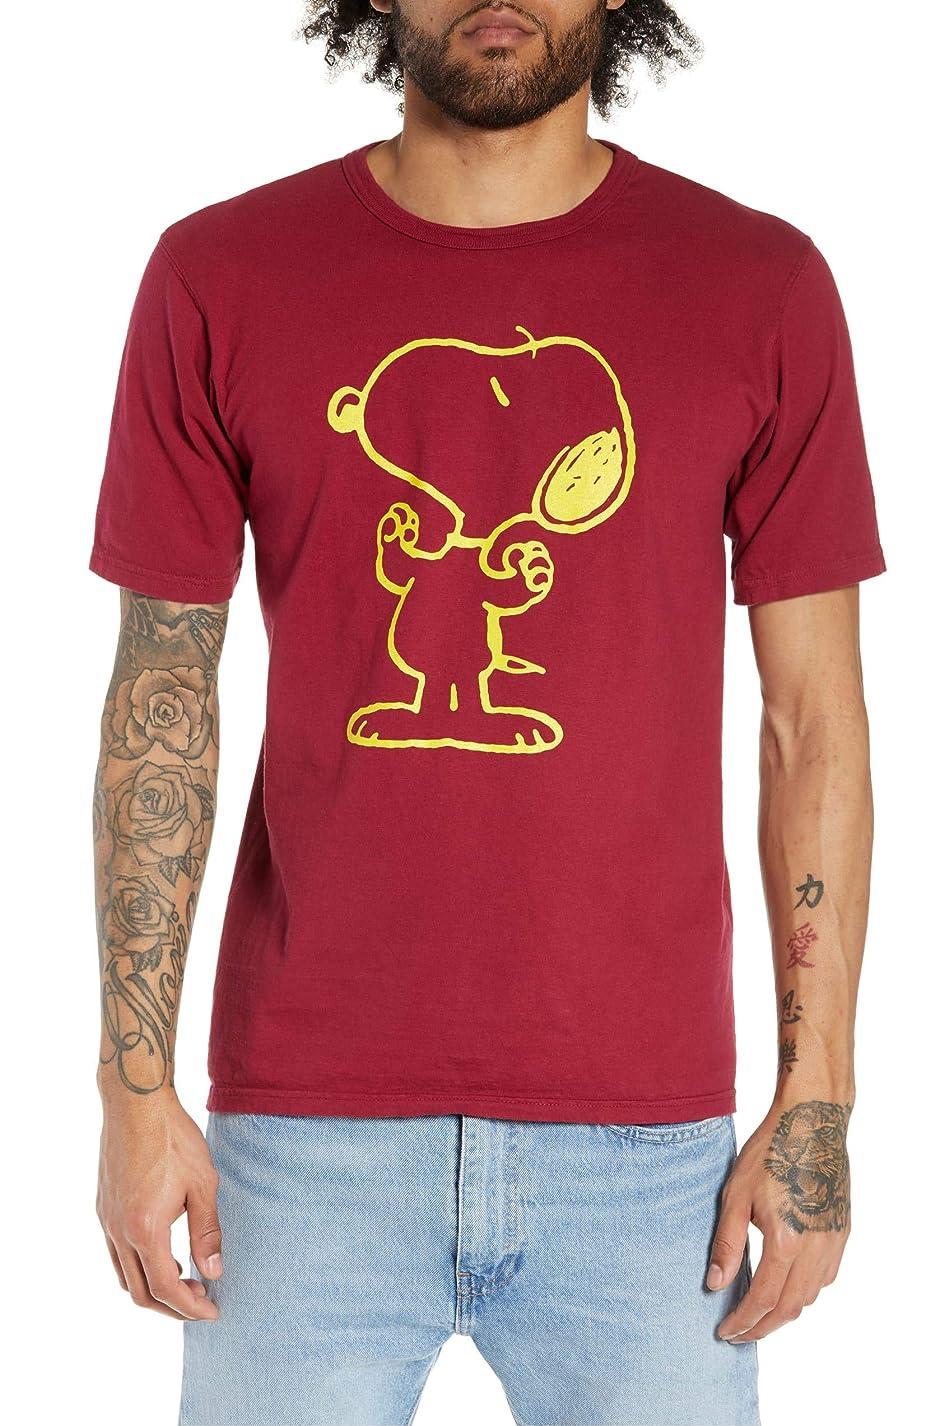 経済粘着性蘇生する[チャンピオン] レディース Tシャツ Champion Heritage Snoopy T-Shirt [並行輸入品]